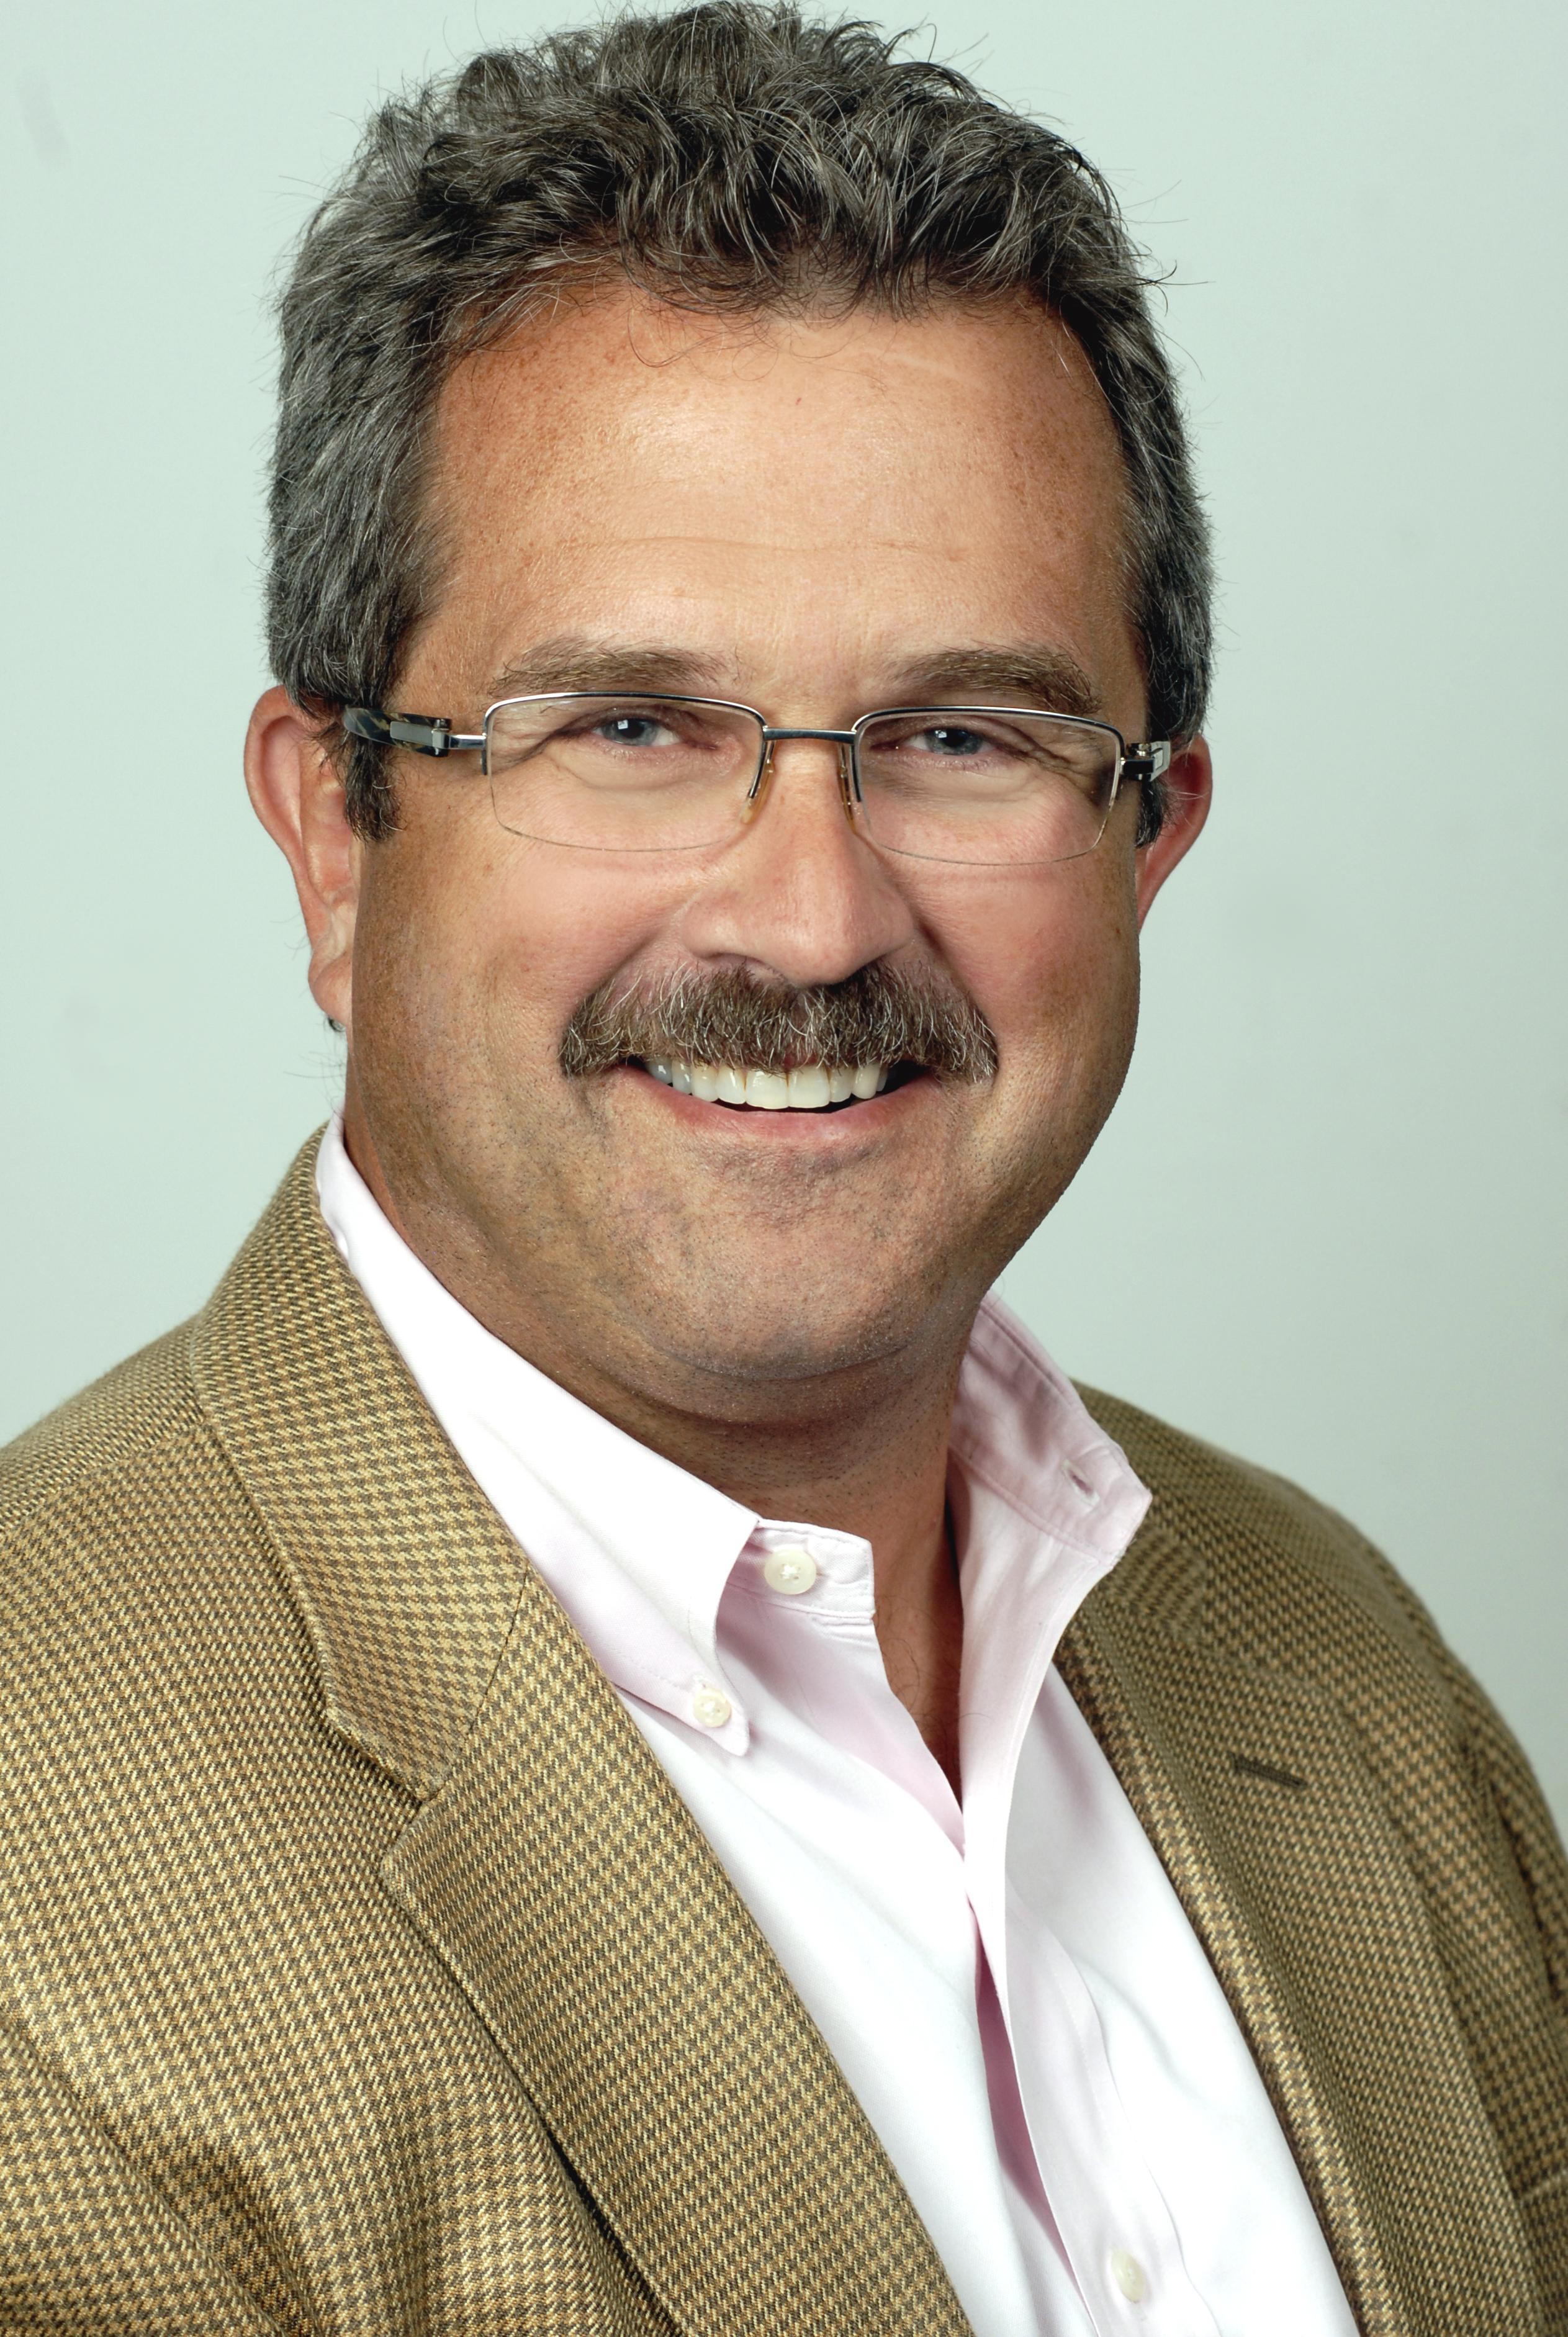 CEO Brian McMahon